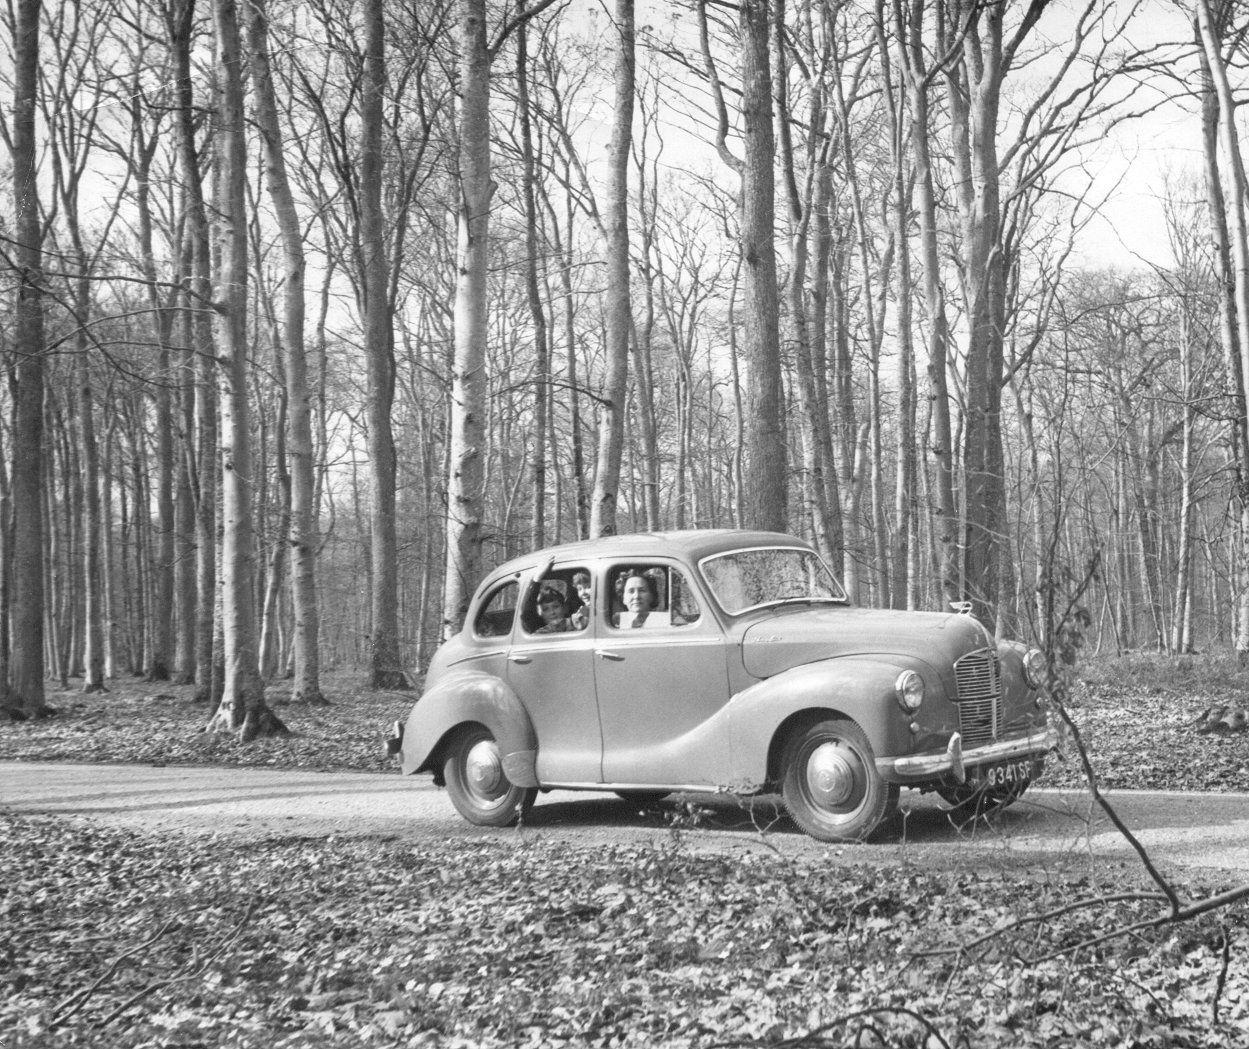 Austin A40 at Fontainbleu Forest